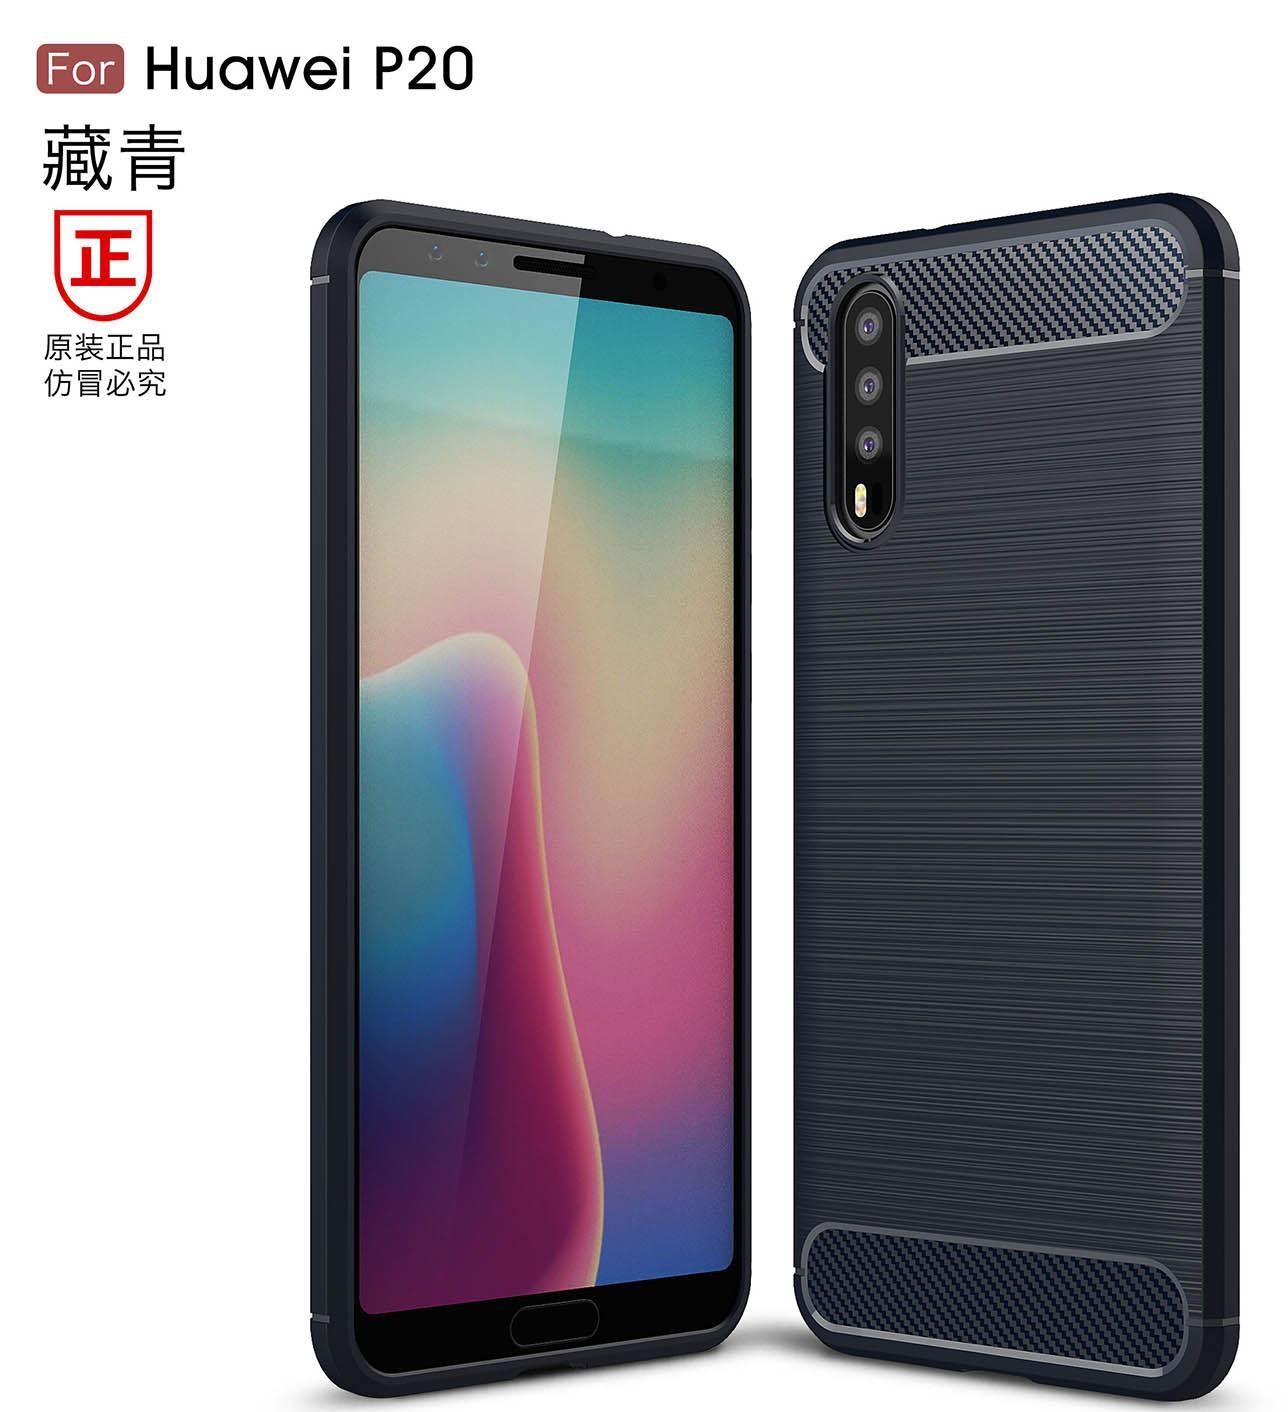 Huawei P20 Render 1 0